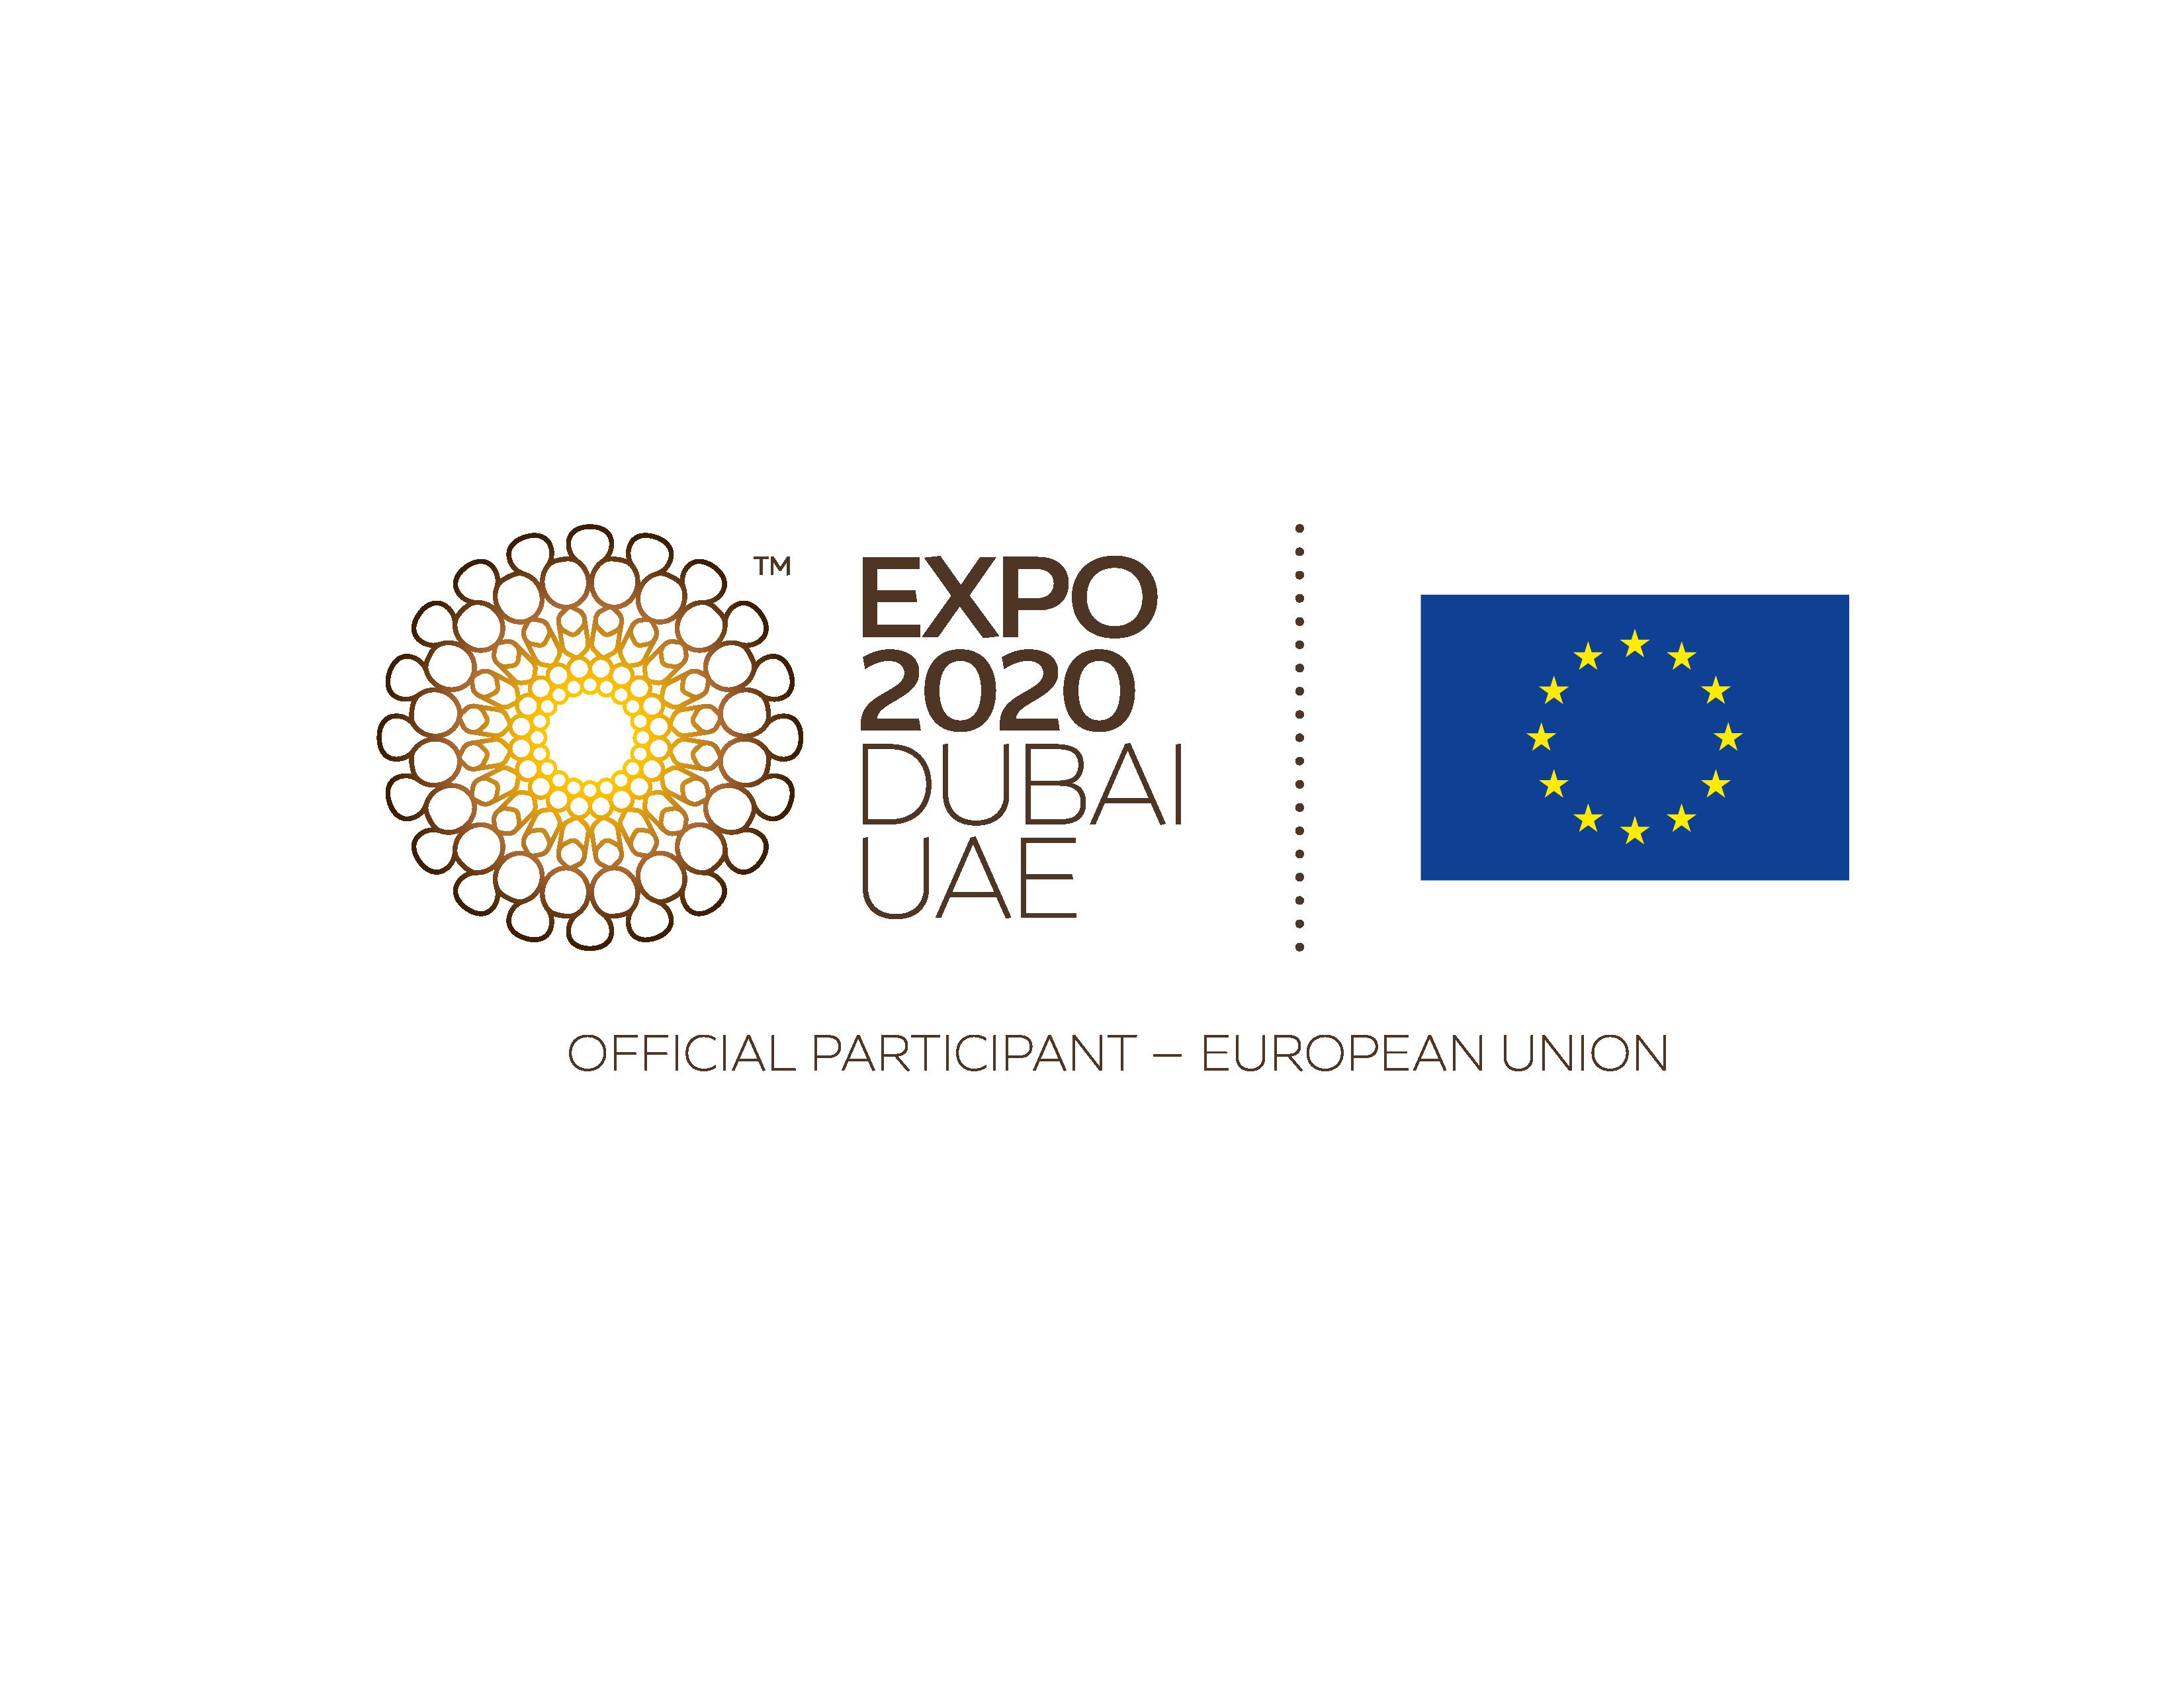 EU@EXPODUBAI